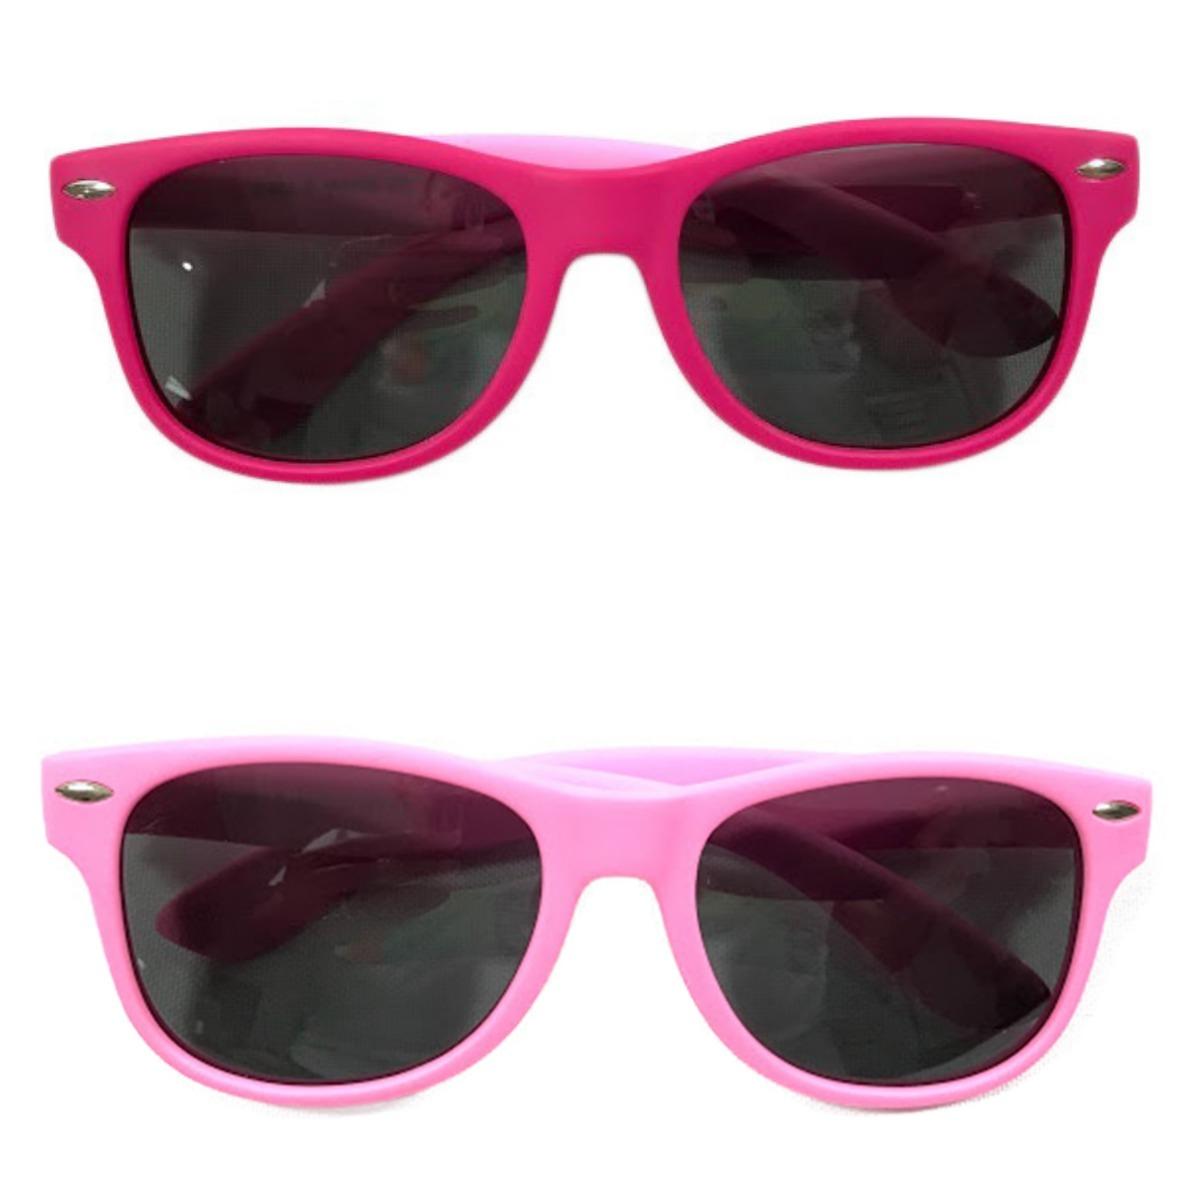 290fb3871 oculos de sol lente polarizada menina infantil silicone 826. Carregando  zoom.